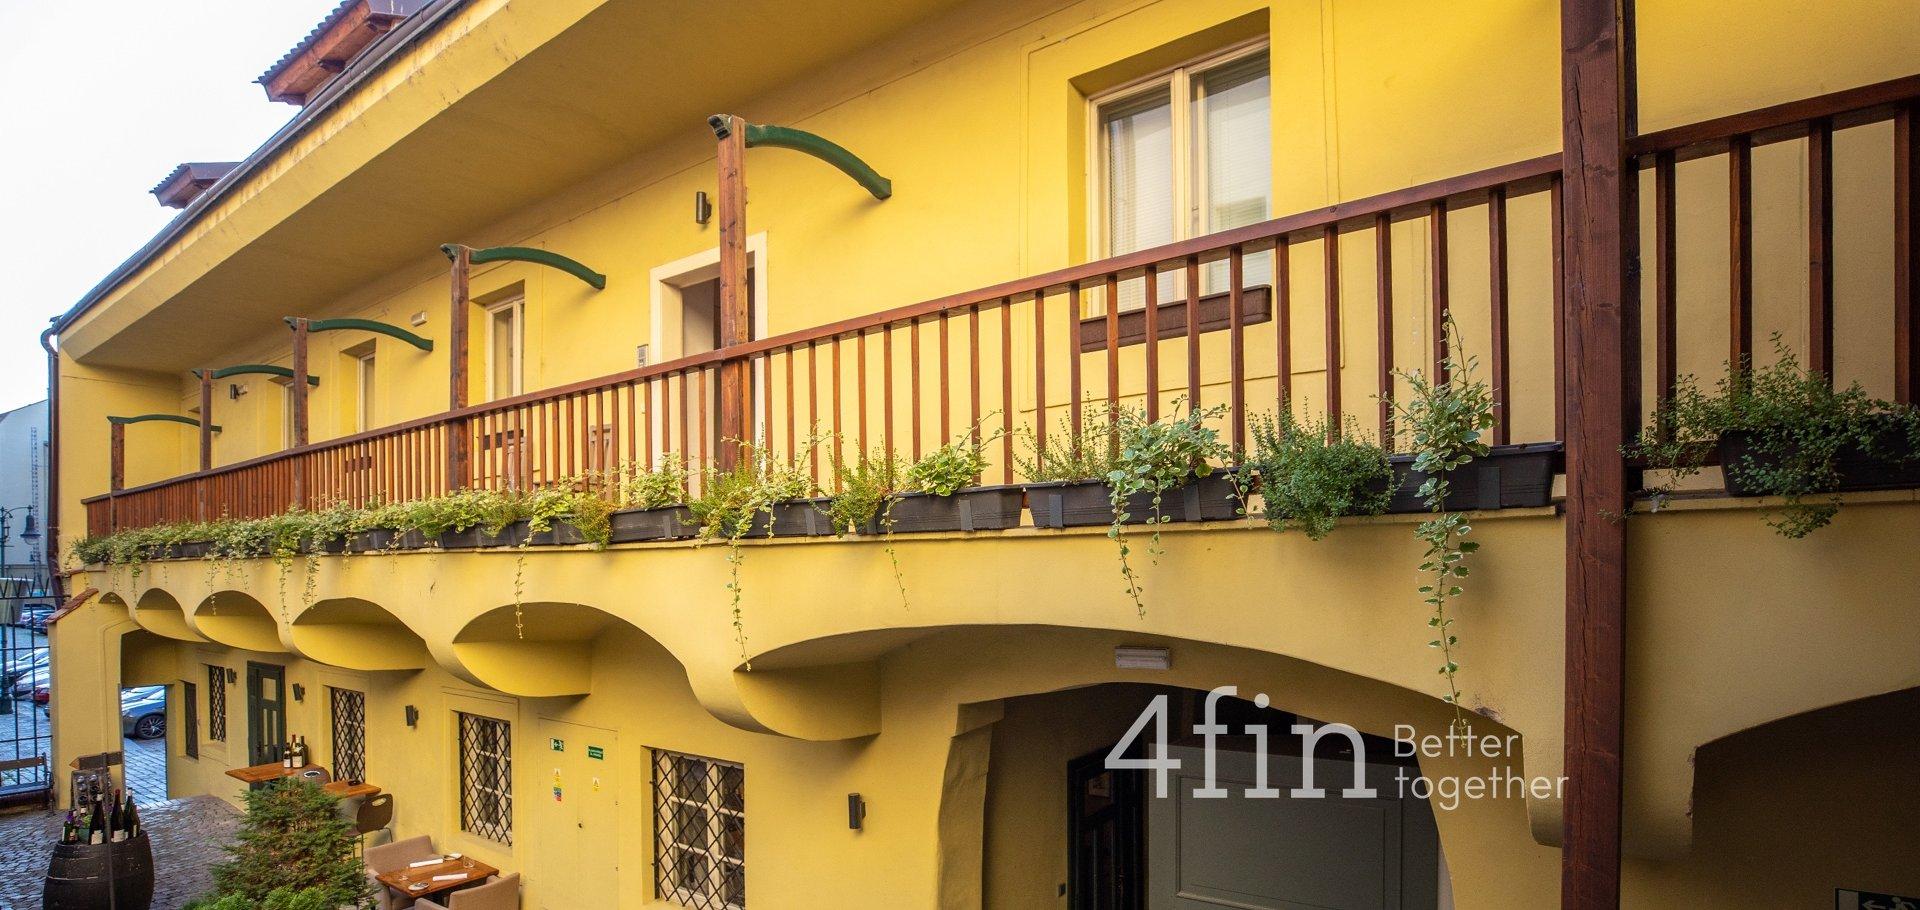 Pronájem atypického jednopokojového podkrovního bytu v centru Prahy